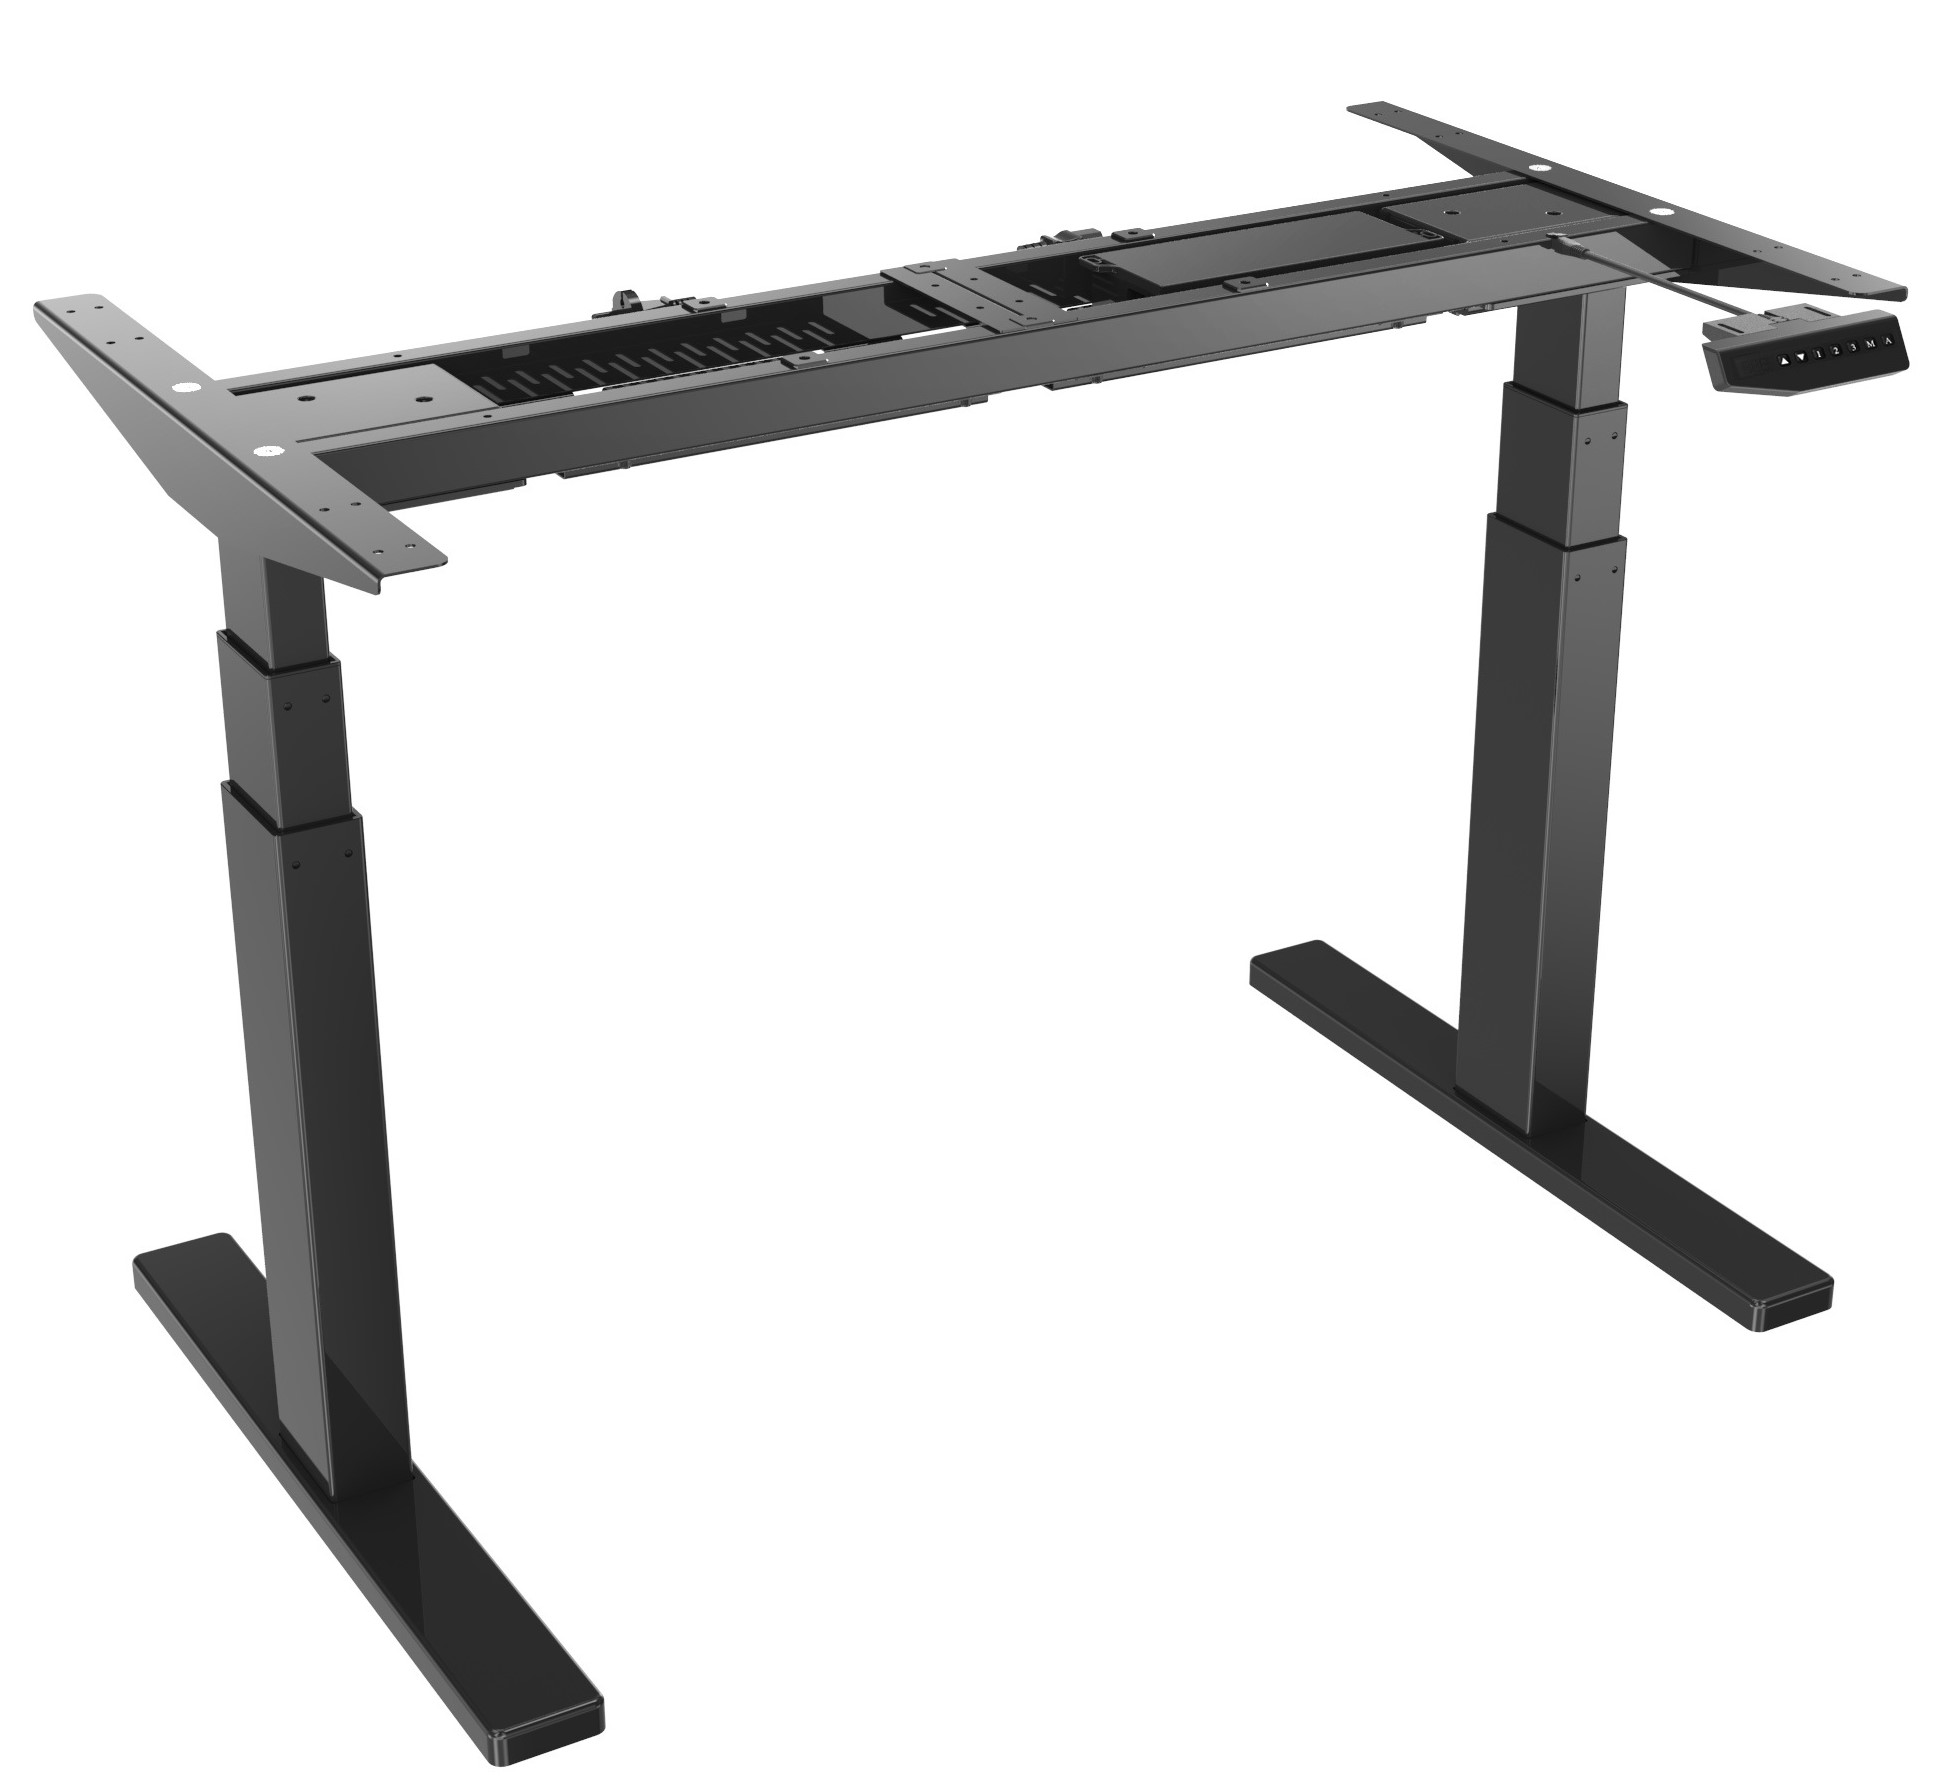 Vantage Black - Stand Desk